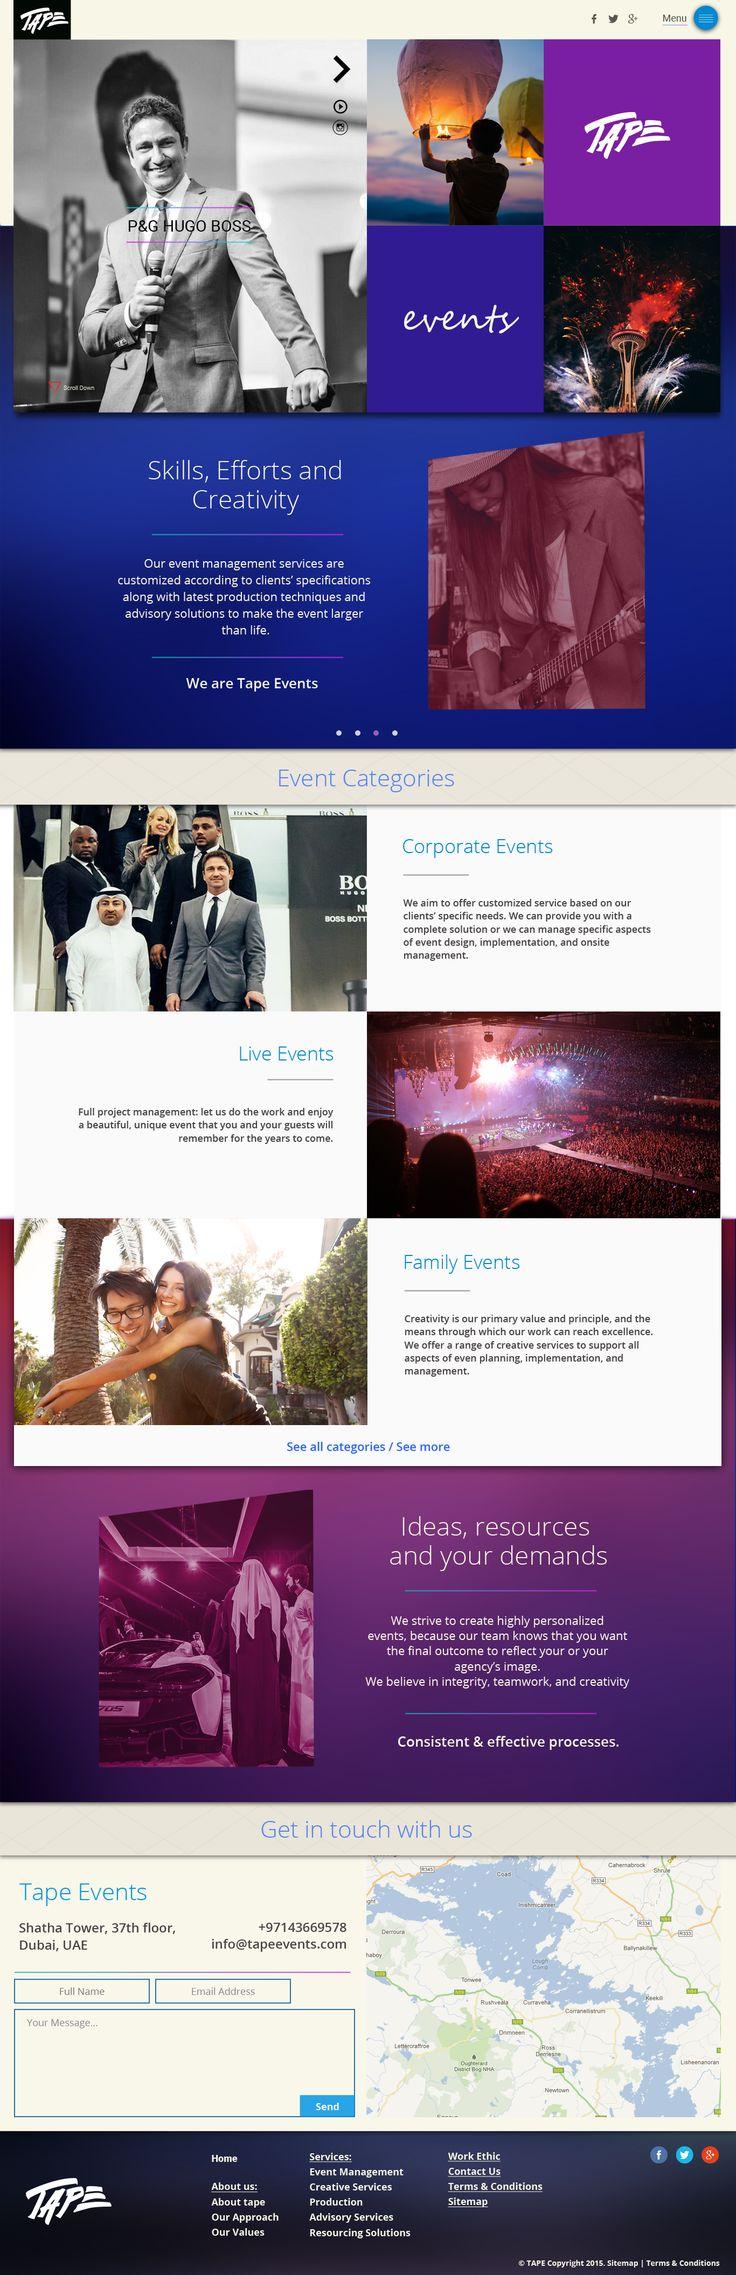 Tremendous Event Management Web Design Cool And Unique Cool Website Easy Diy Christmas Decorations Tissureus